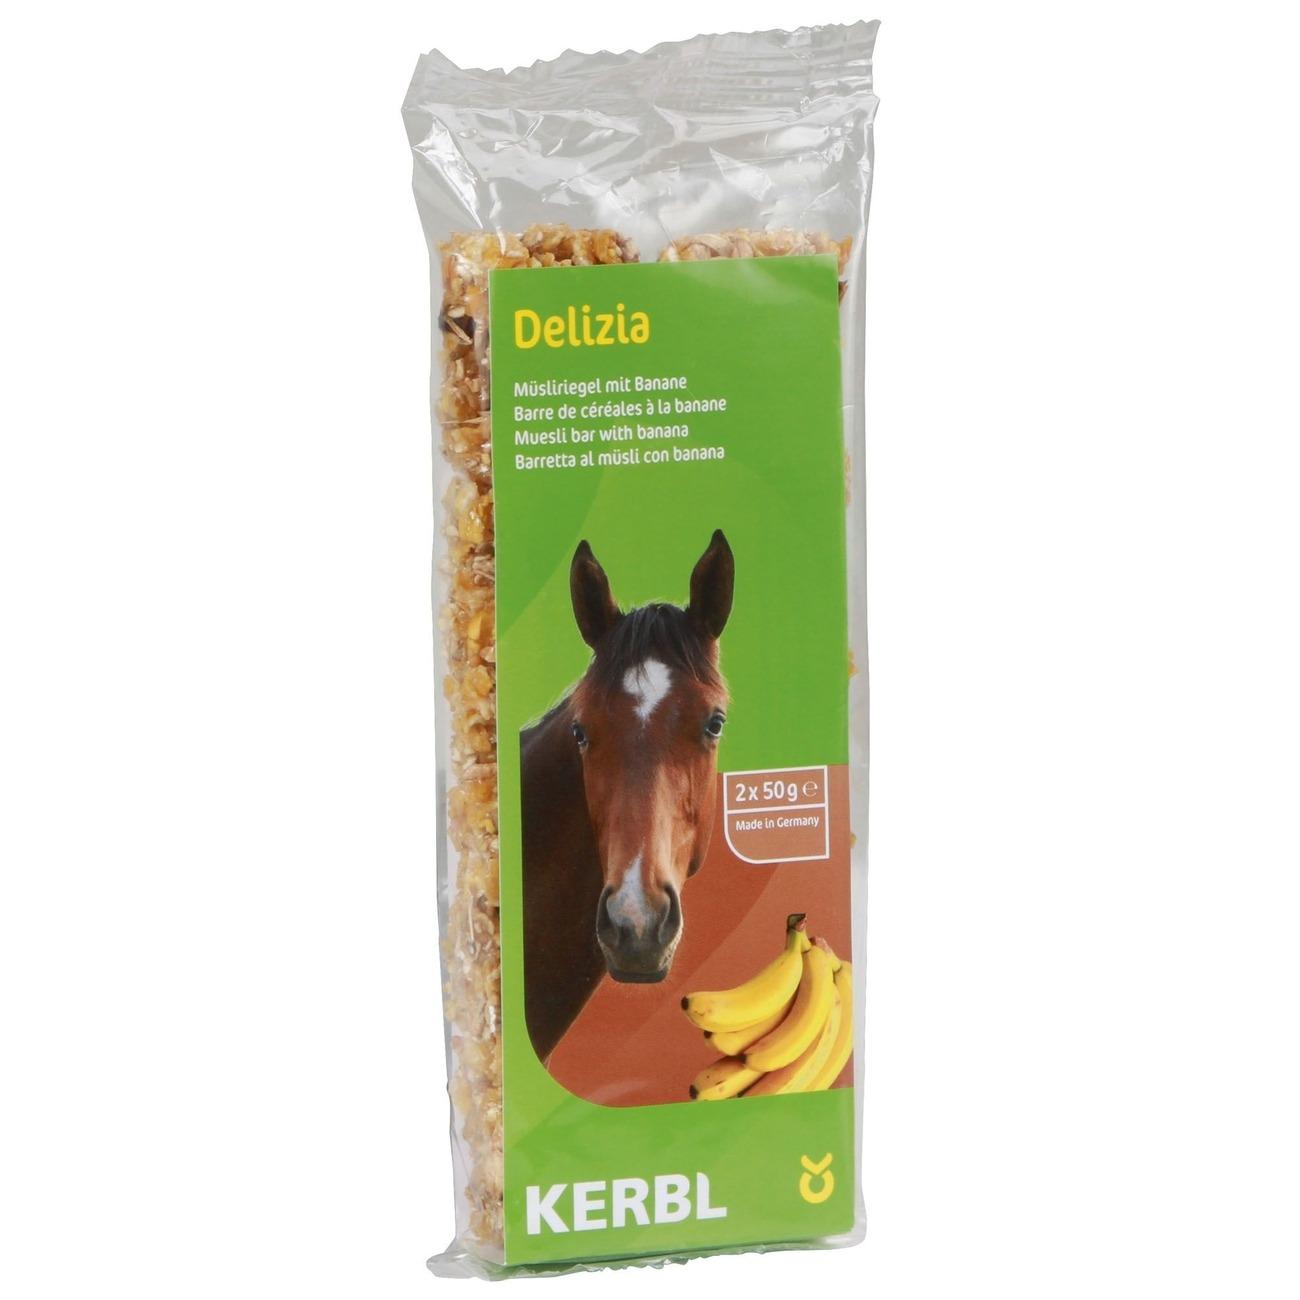 Kerbl Delizia Müsliriegel für Pferde, Bild 2